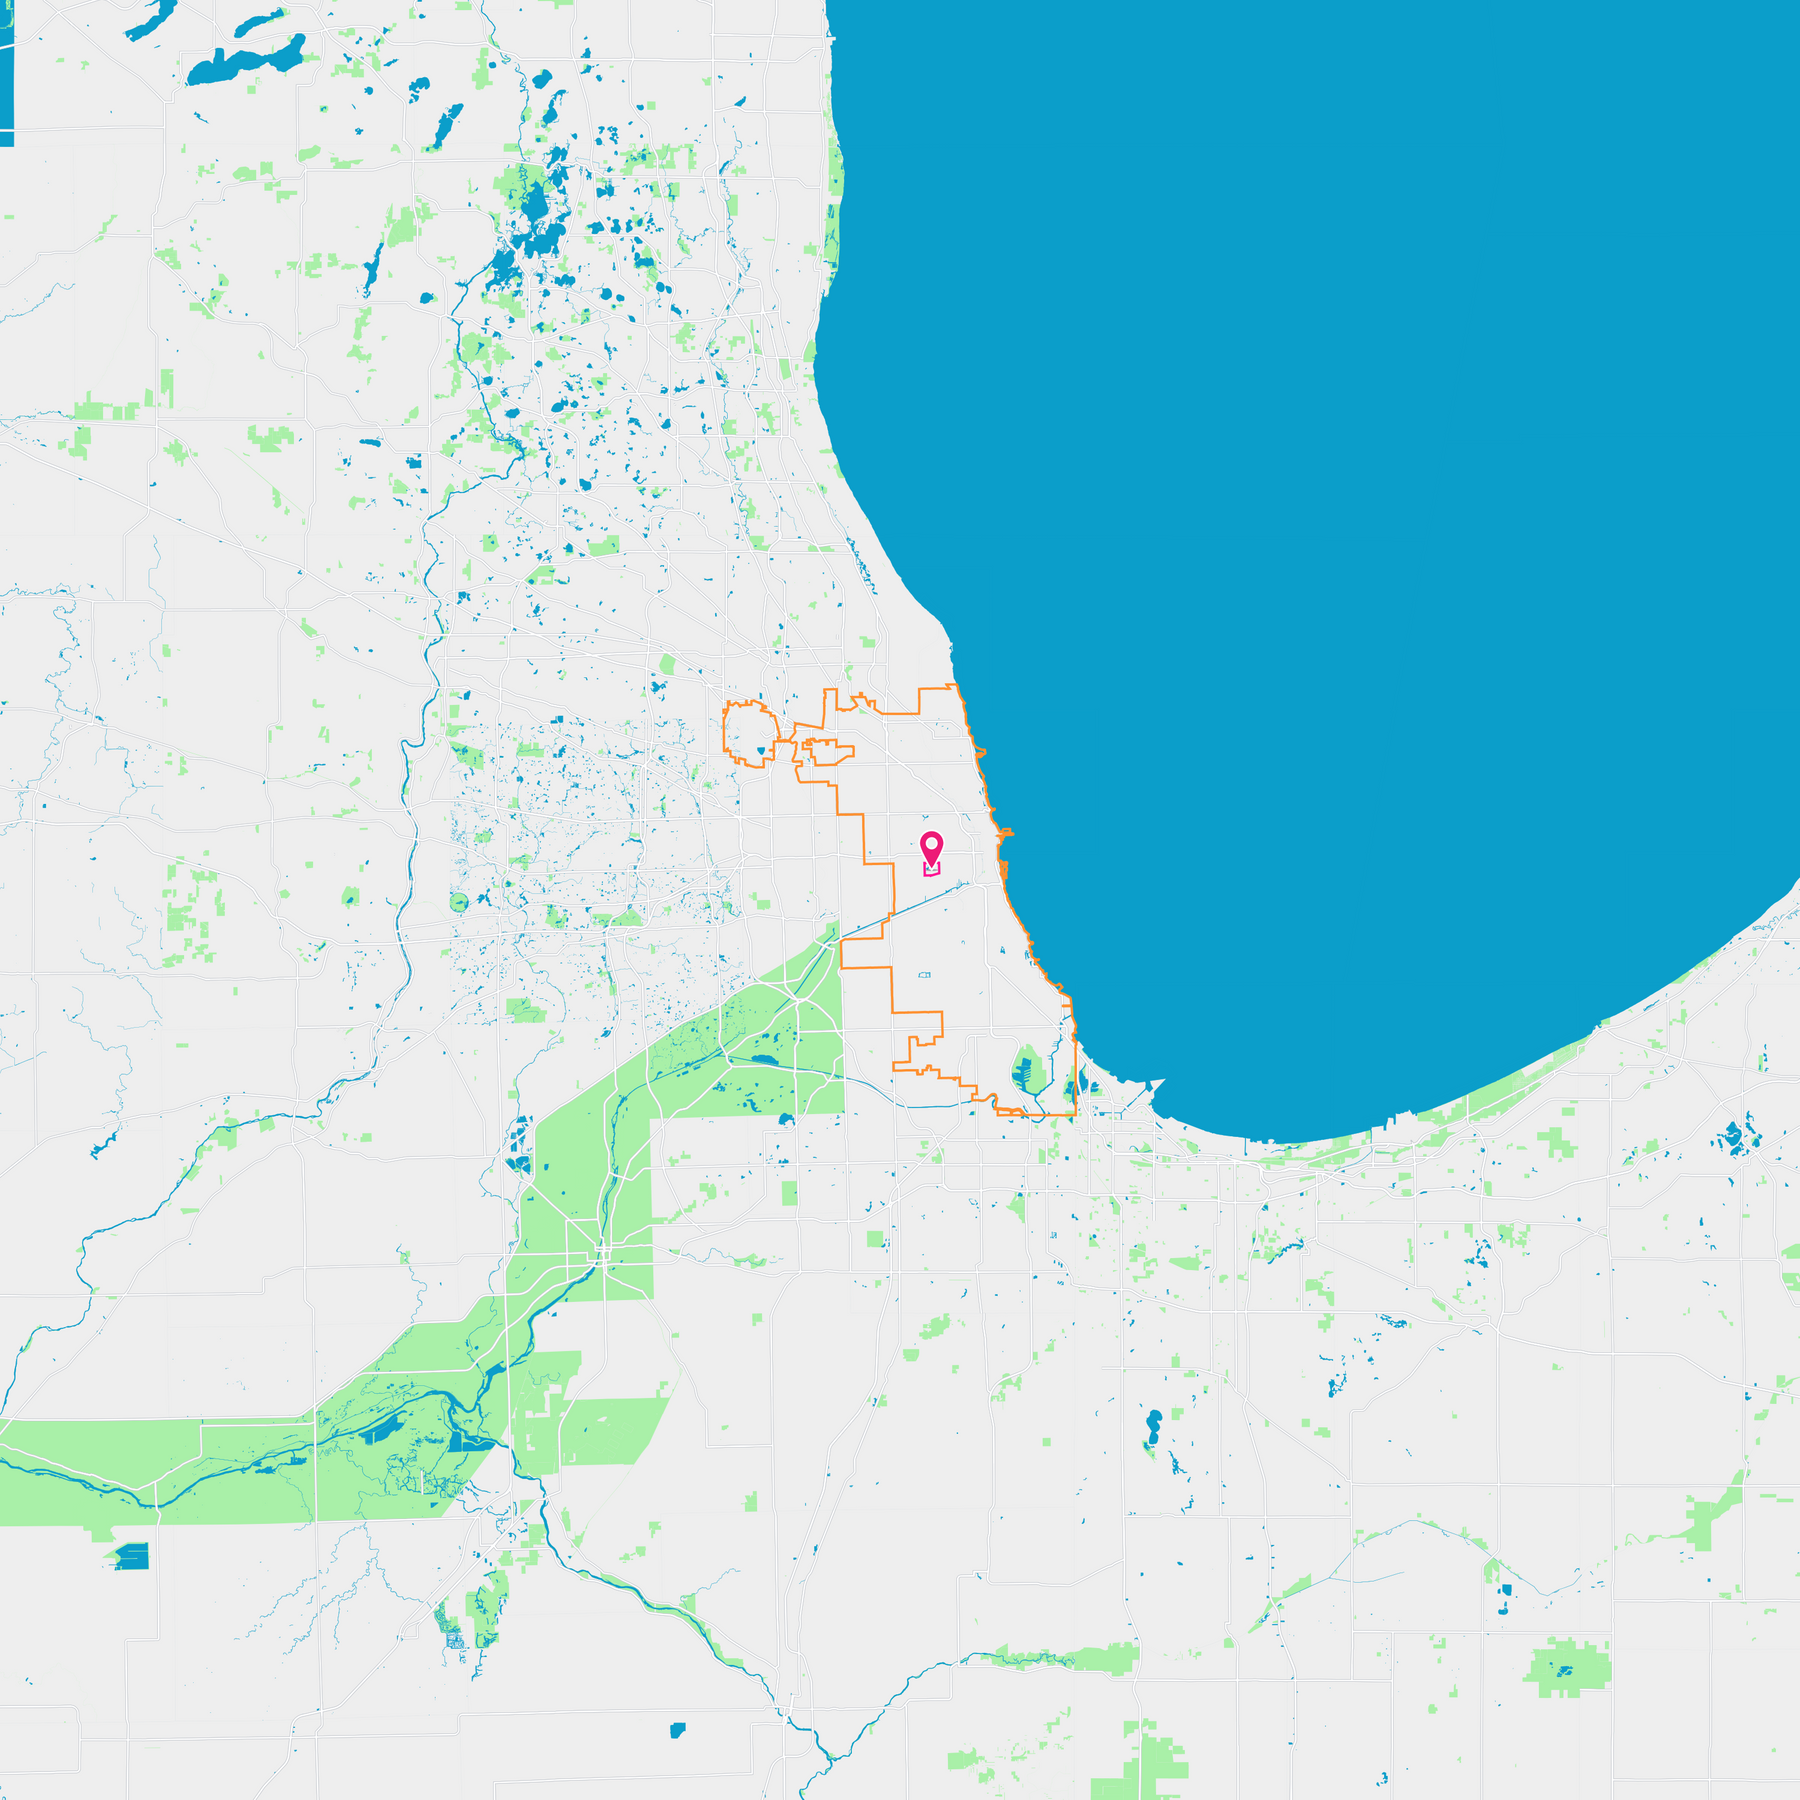 Douglas Park Chicago Map.Douglas Park Neighborhood Guide Chicago Il Trulia